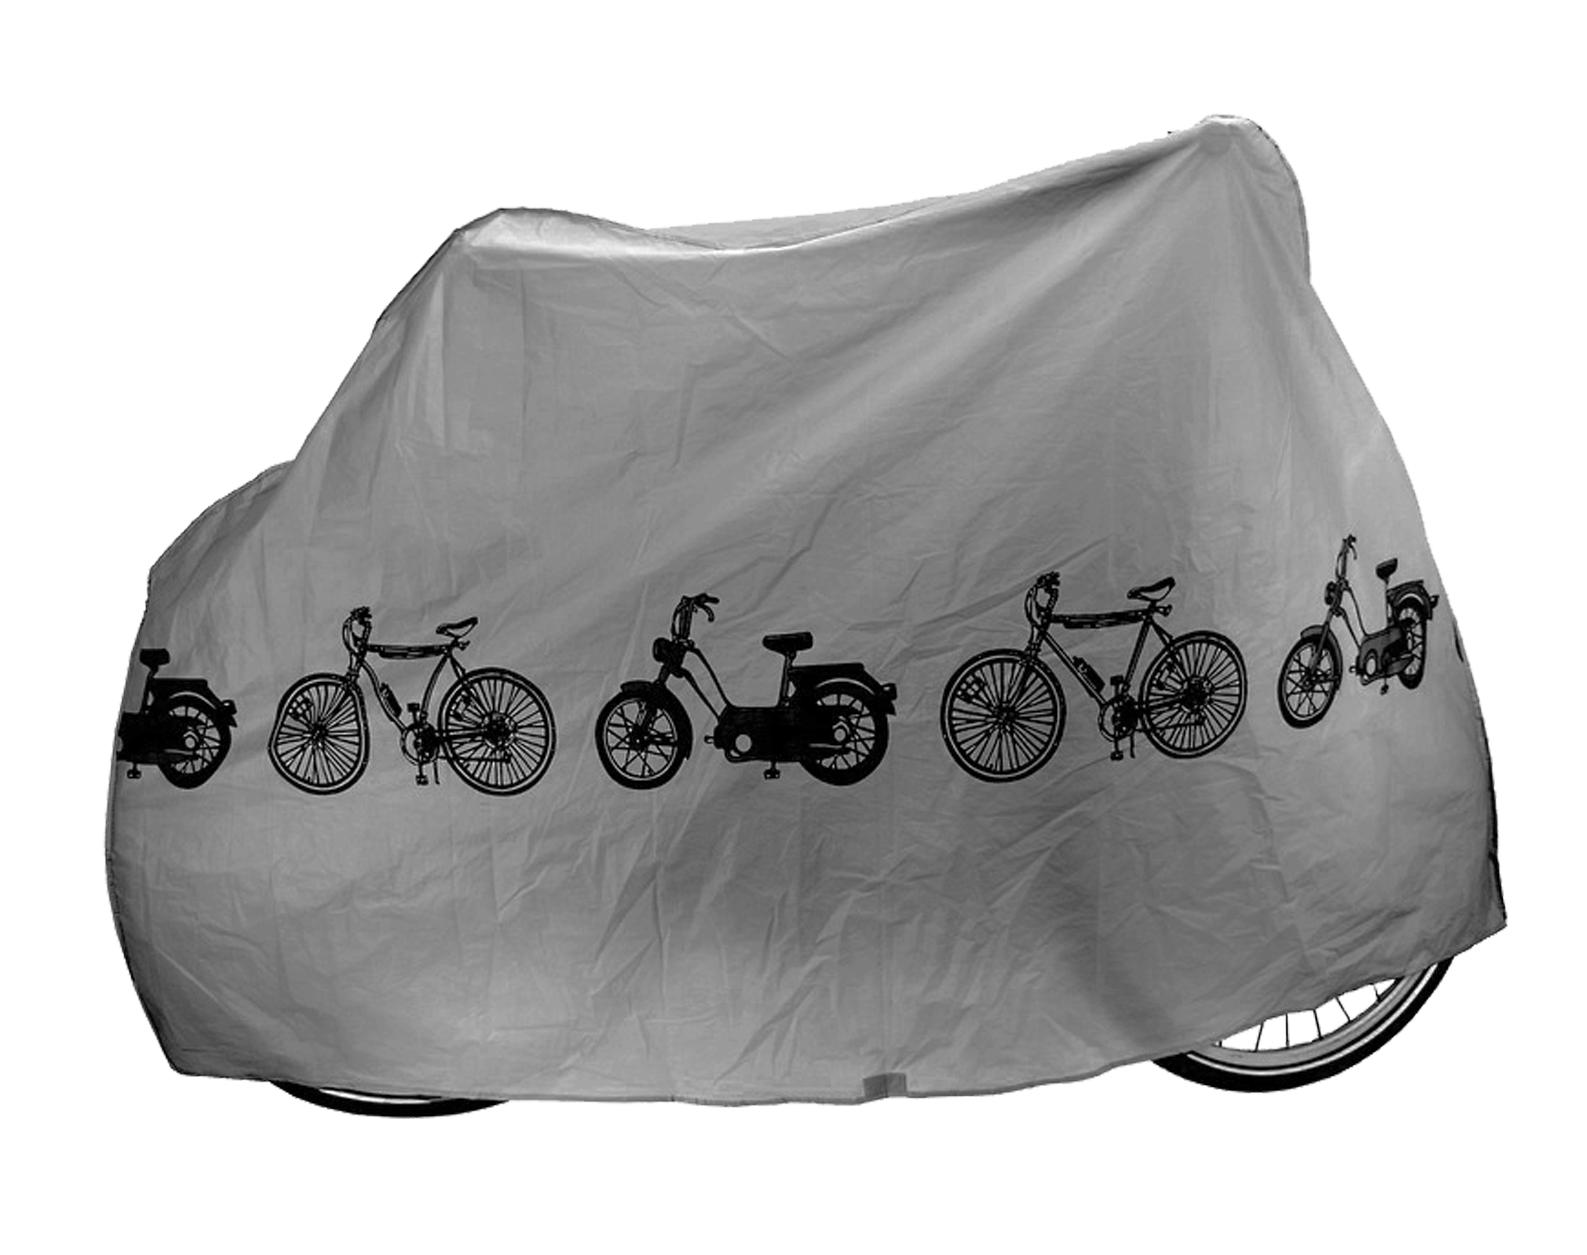 Cykelgarage PEVA 200 x110cm | Cykelgarage